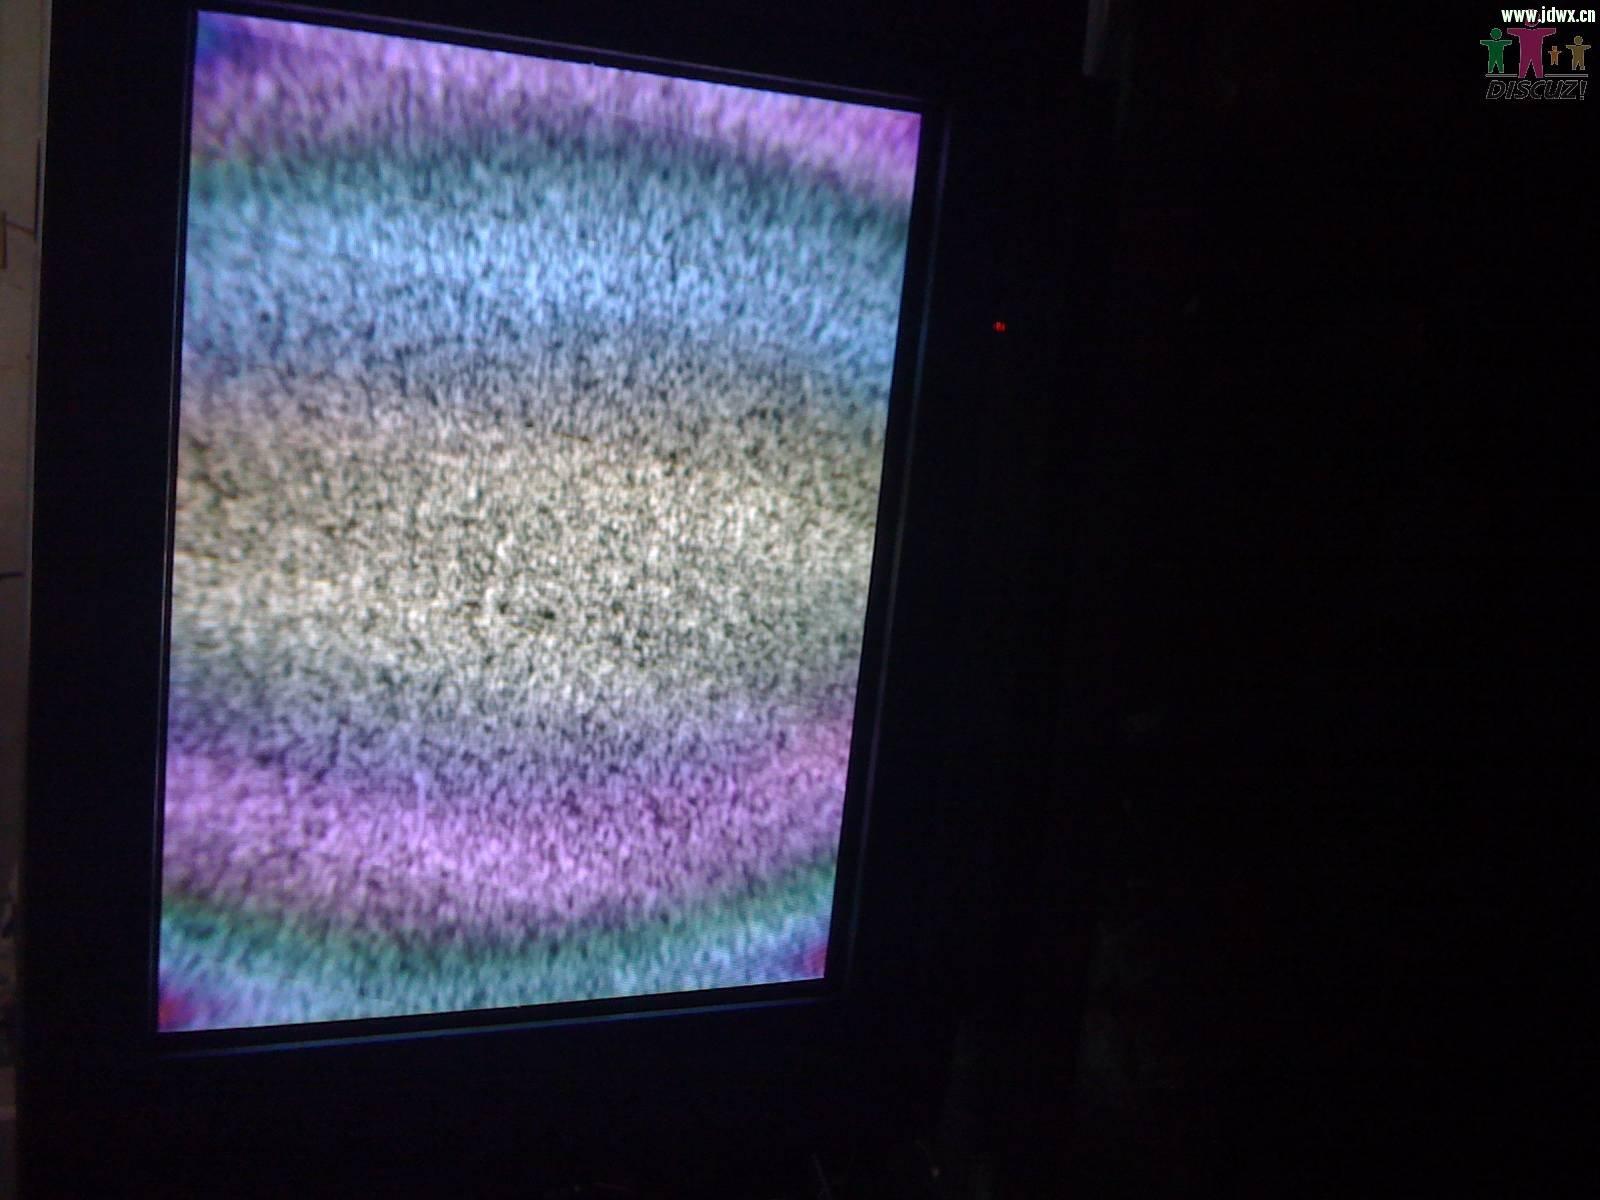 康佳高清p29mv103怪图像好像消磁不良(有图)